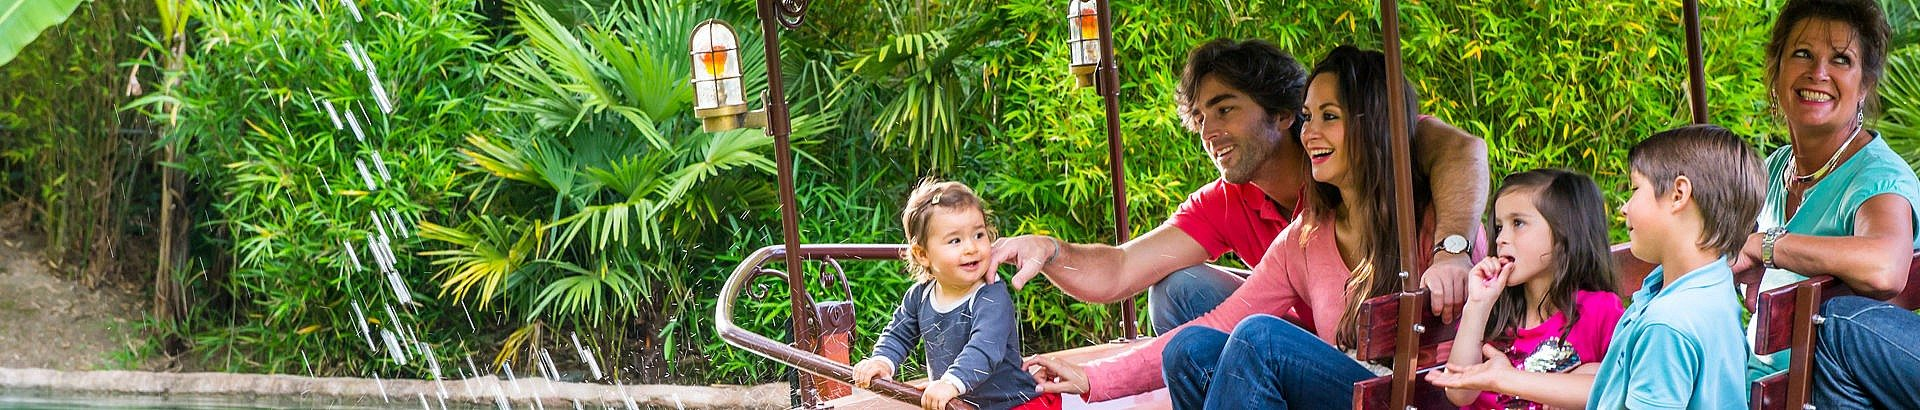 Mit kleinen Kindern nach Nigloland kommen